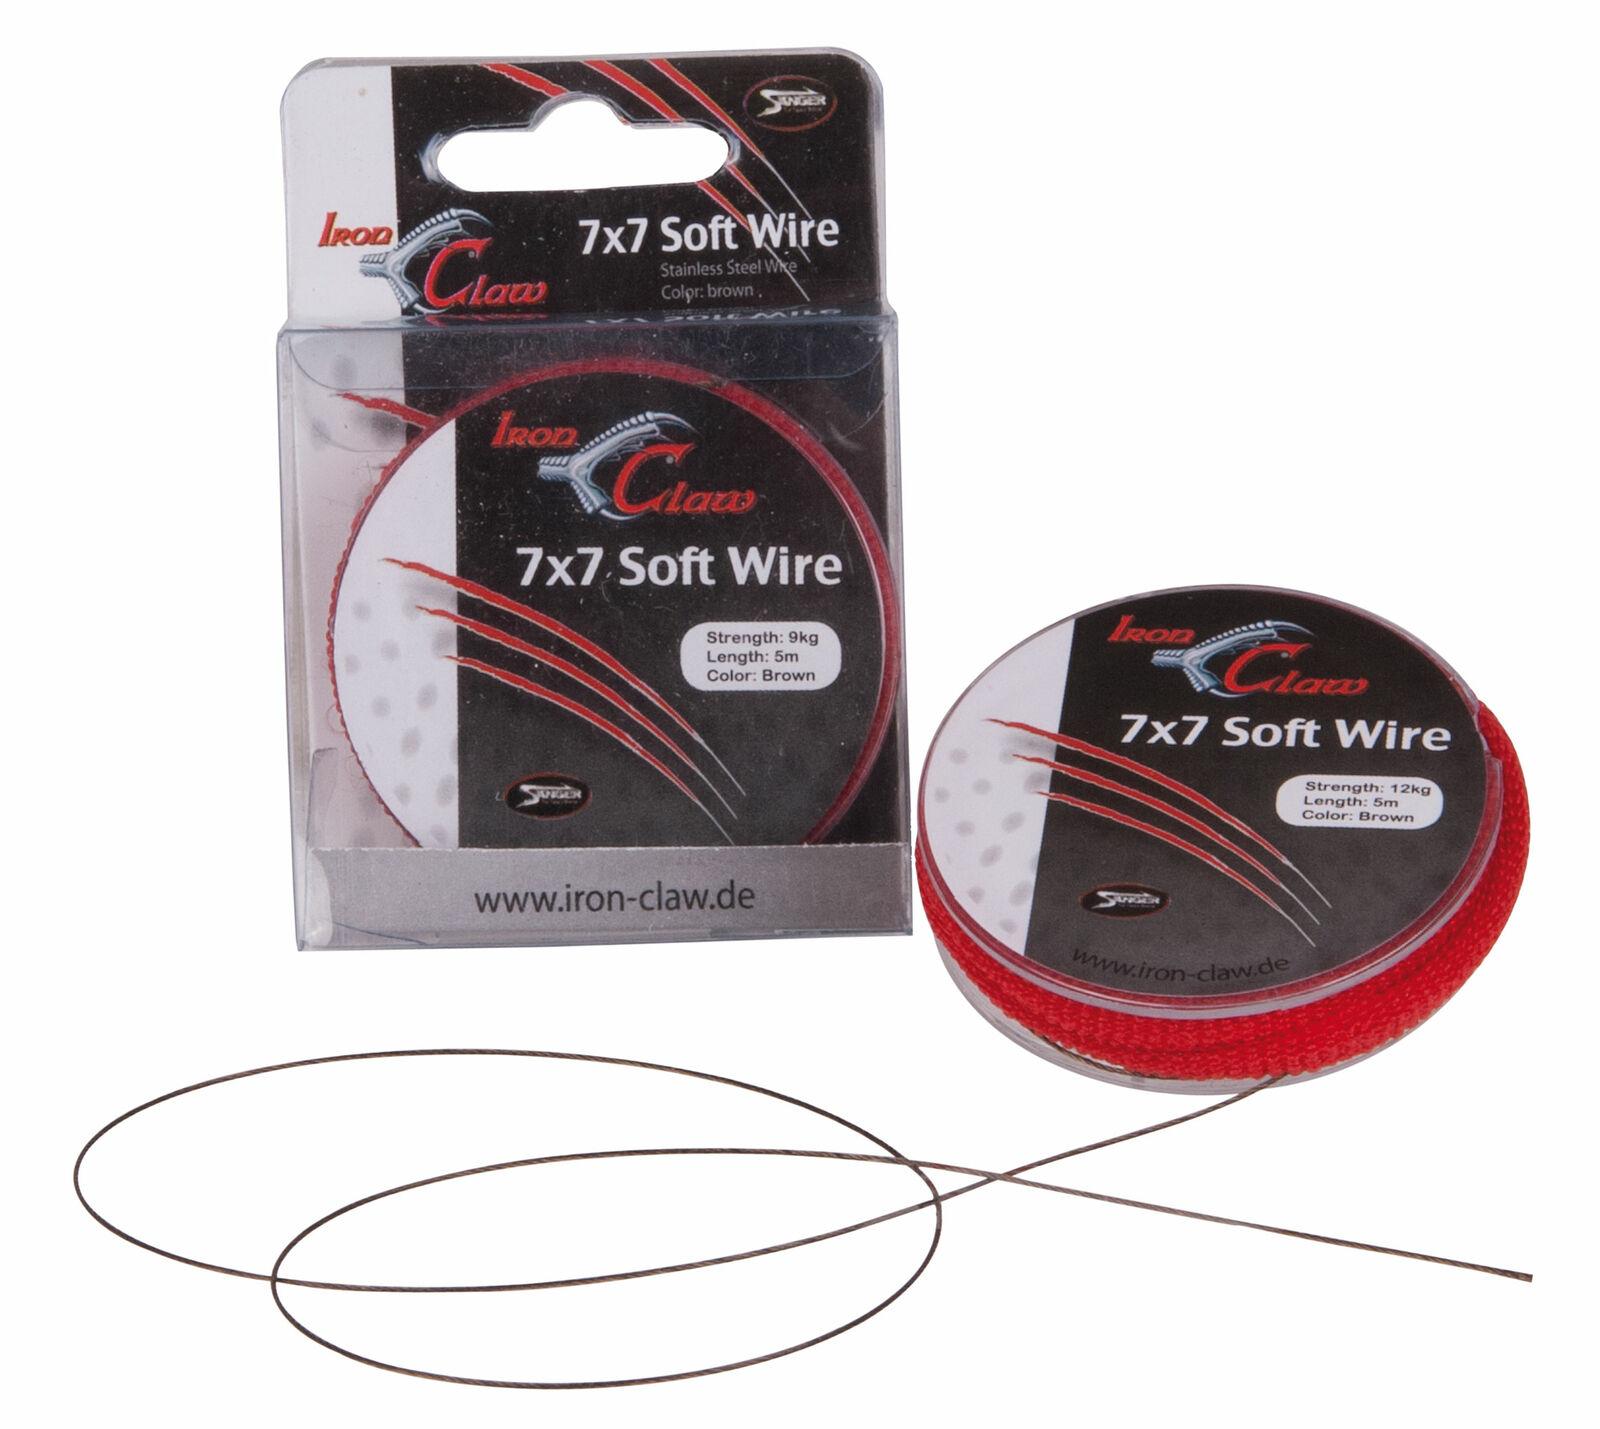 Sänger Iron Claw 7x7 Wire Leader Stahlvorfach mit Snap Hecht Zander